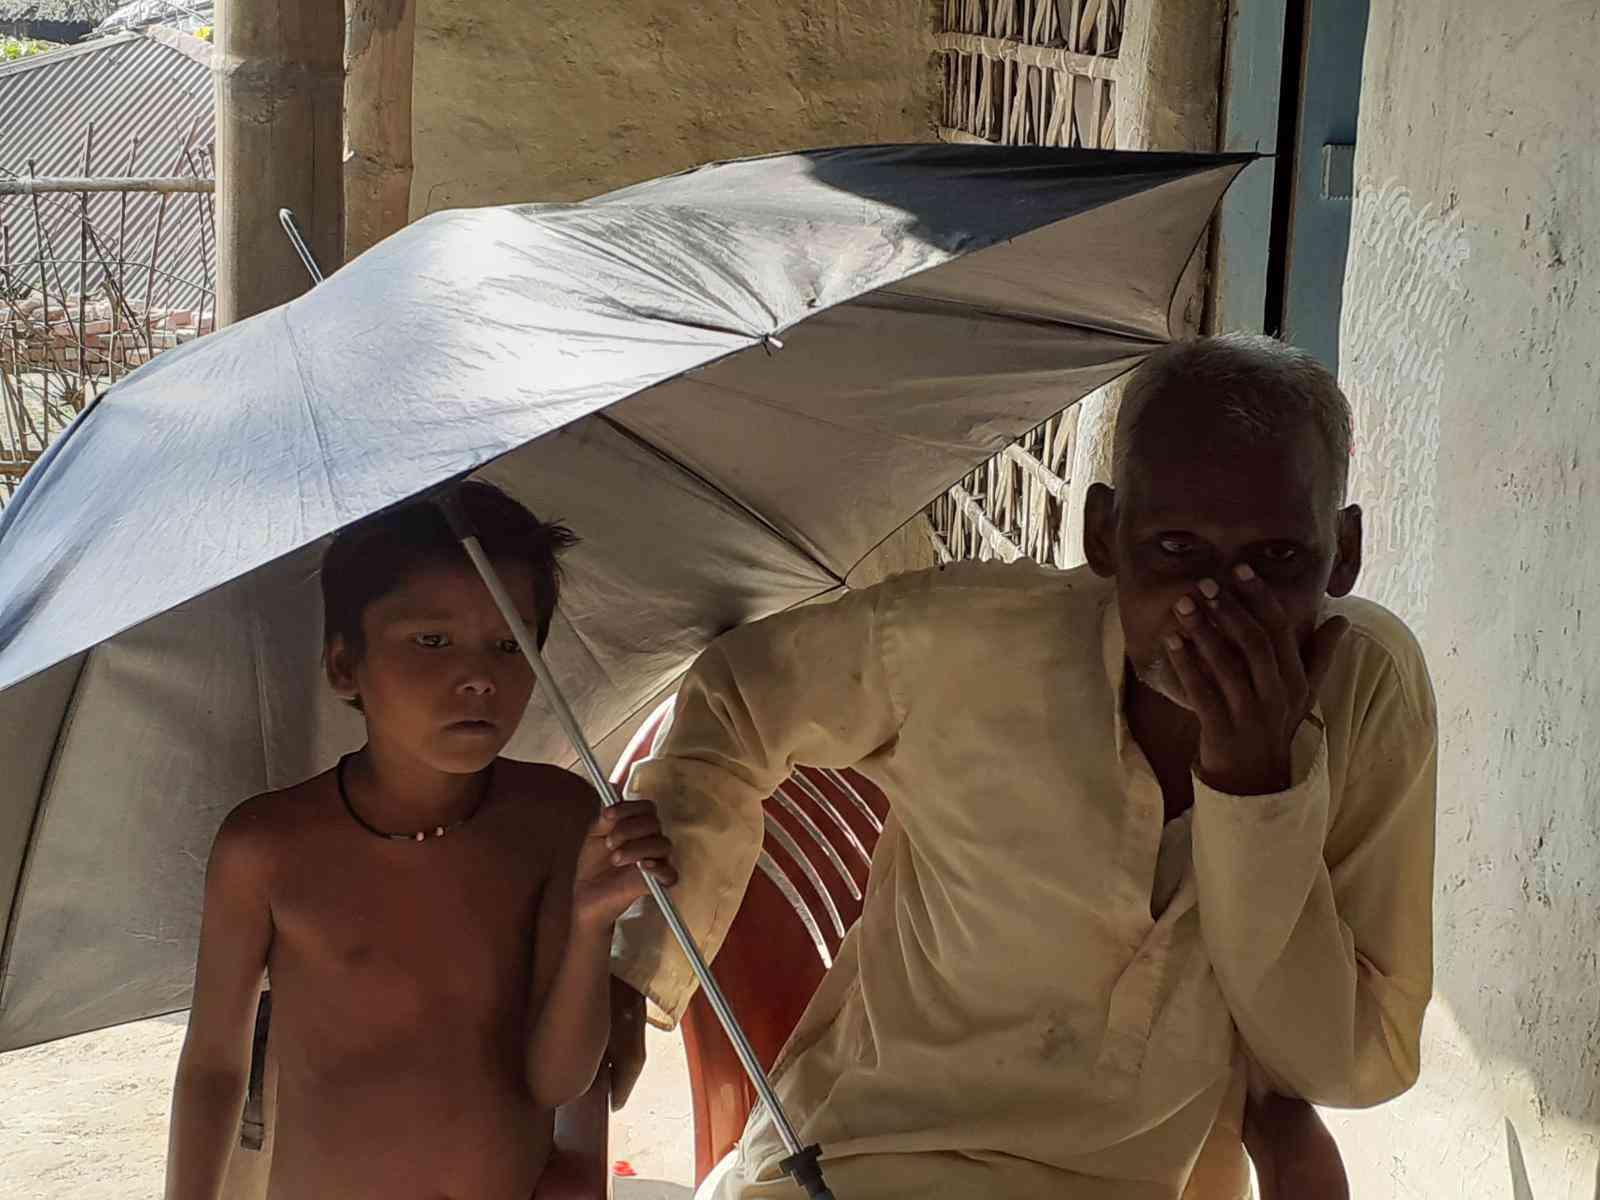 बिहार यात्रा: भाग दो,                    बिहार के ब्लैक एंड व्हाइट के बीच वह ग्रे हिस्सा जिसमें कोसी, सीमांचल, बाढ़ और पलायन आता है